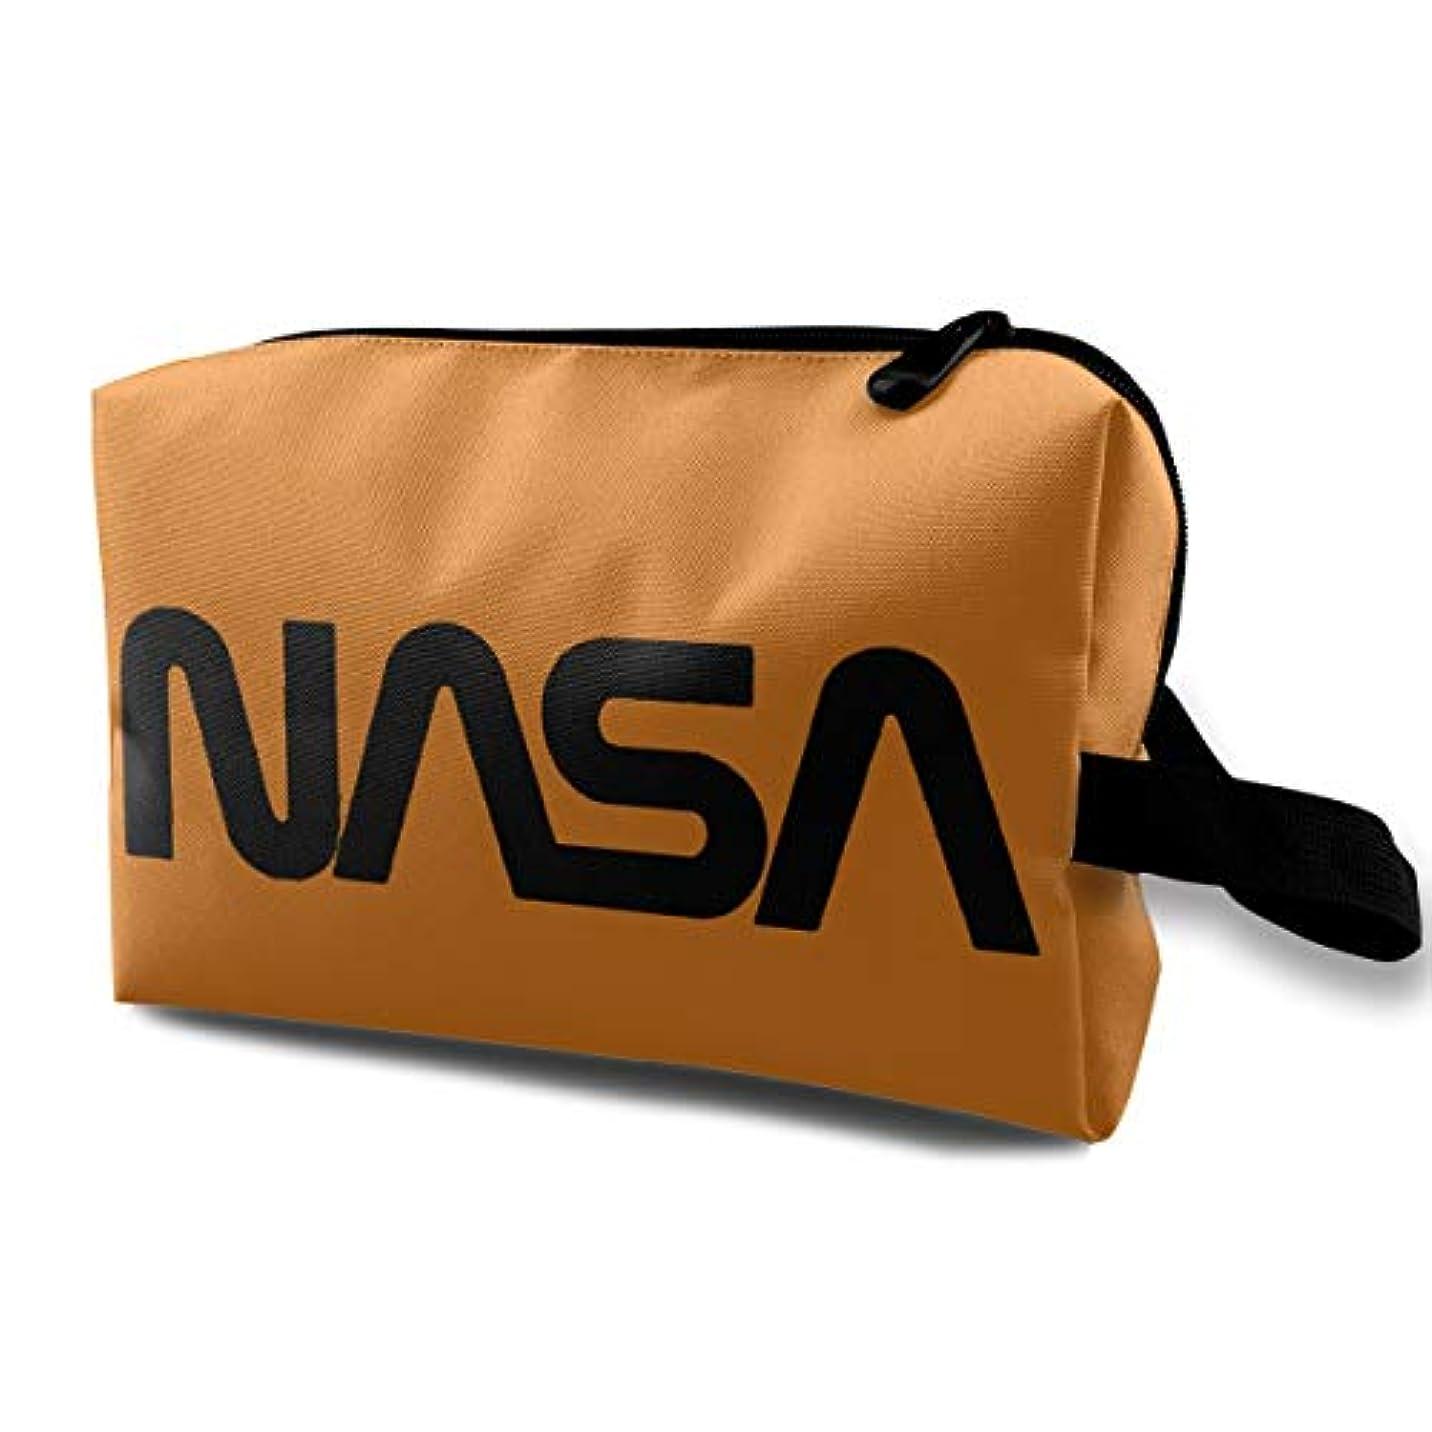 達成侵略焦がすDSB 化粧ポーチ コンパクト メイクポーチ 化粧バッグ NASA 航空 宇宙 化粧品 収納バッグ コスメポーチ メイクブラシバッグ 旅行用 大容量